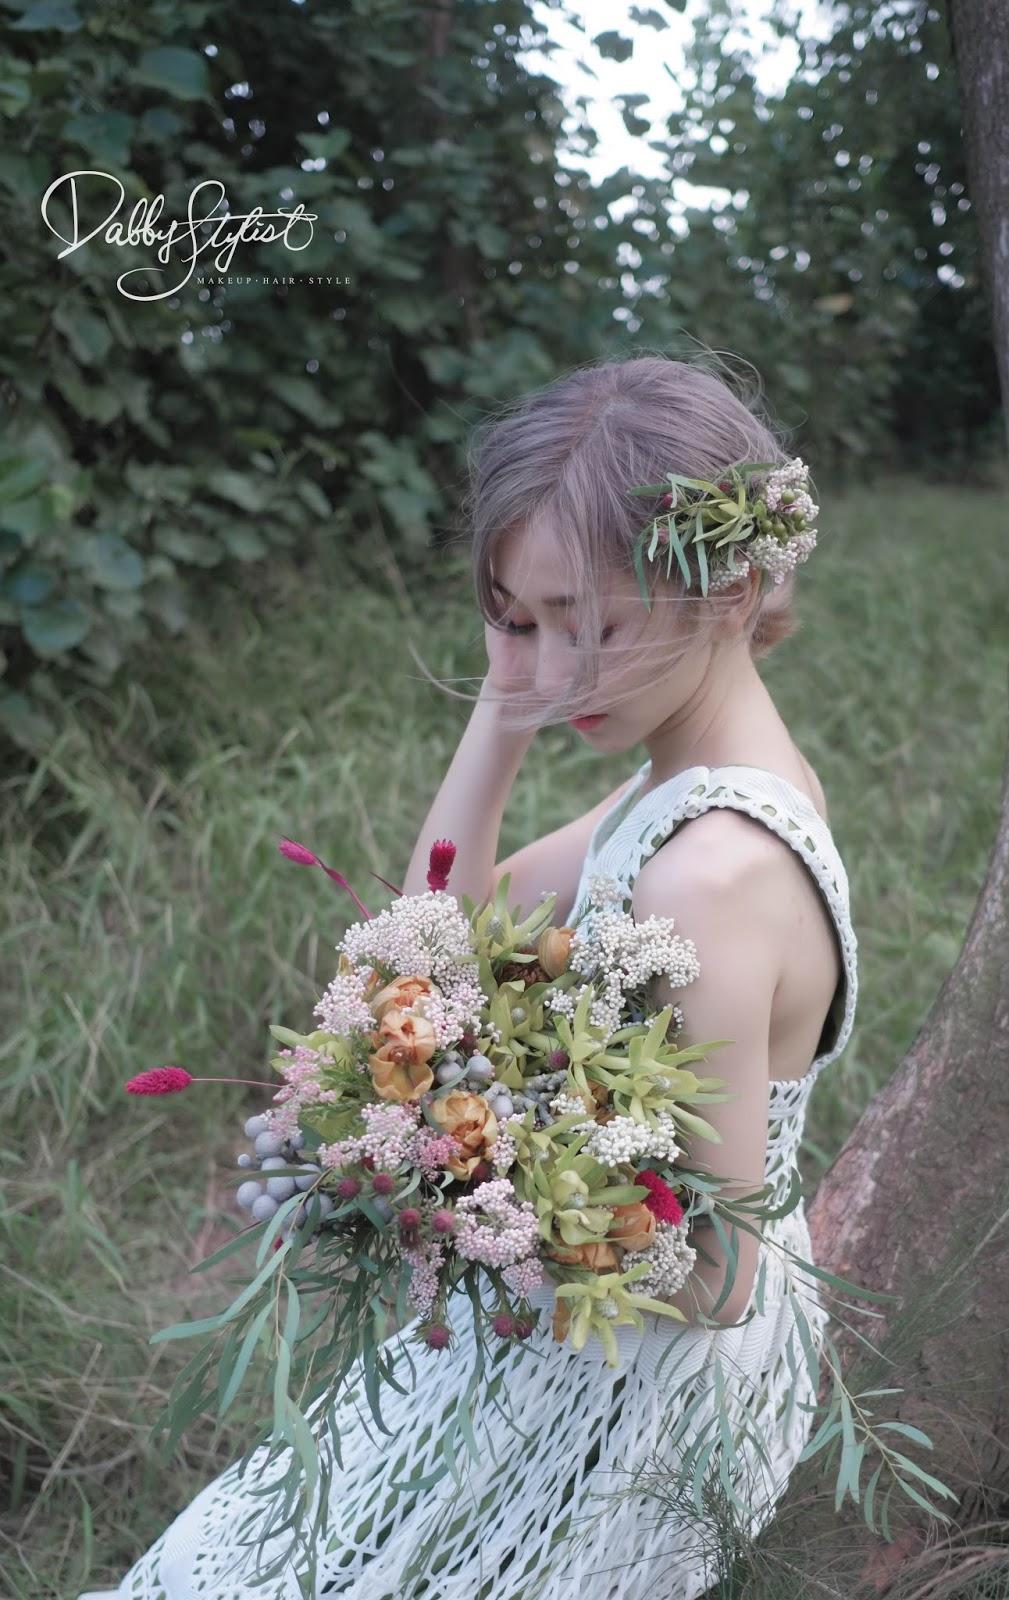 新娘捧花,鮮花花飾,手作花物, 台中新秘, 新娘秘書, 新秘阿桂Dabby, 新秘推薦,